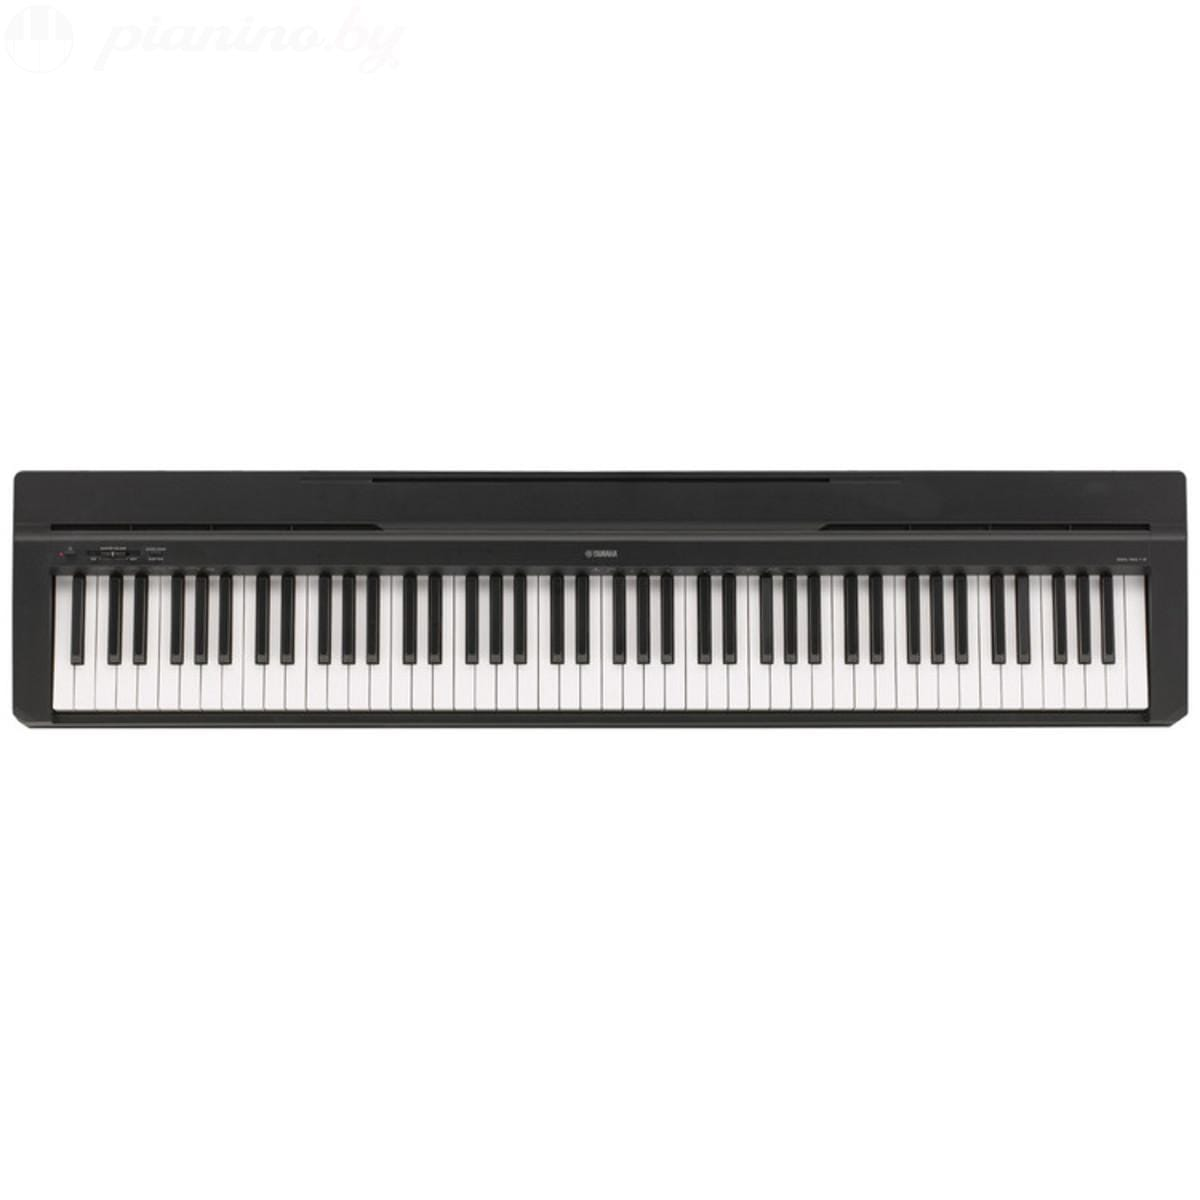 Цифровое пианино Yamaha P-35 Фото 1